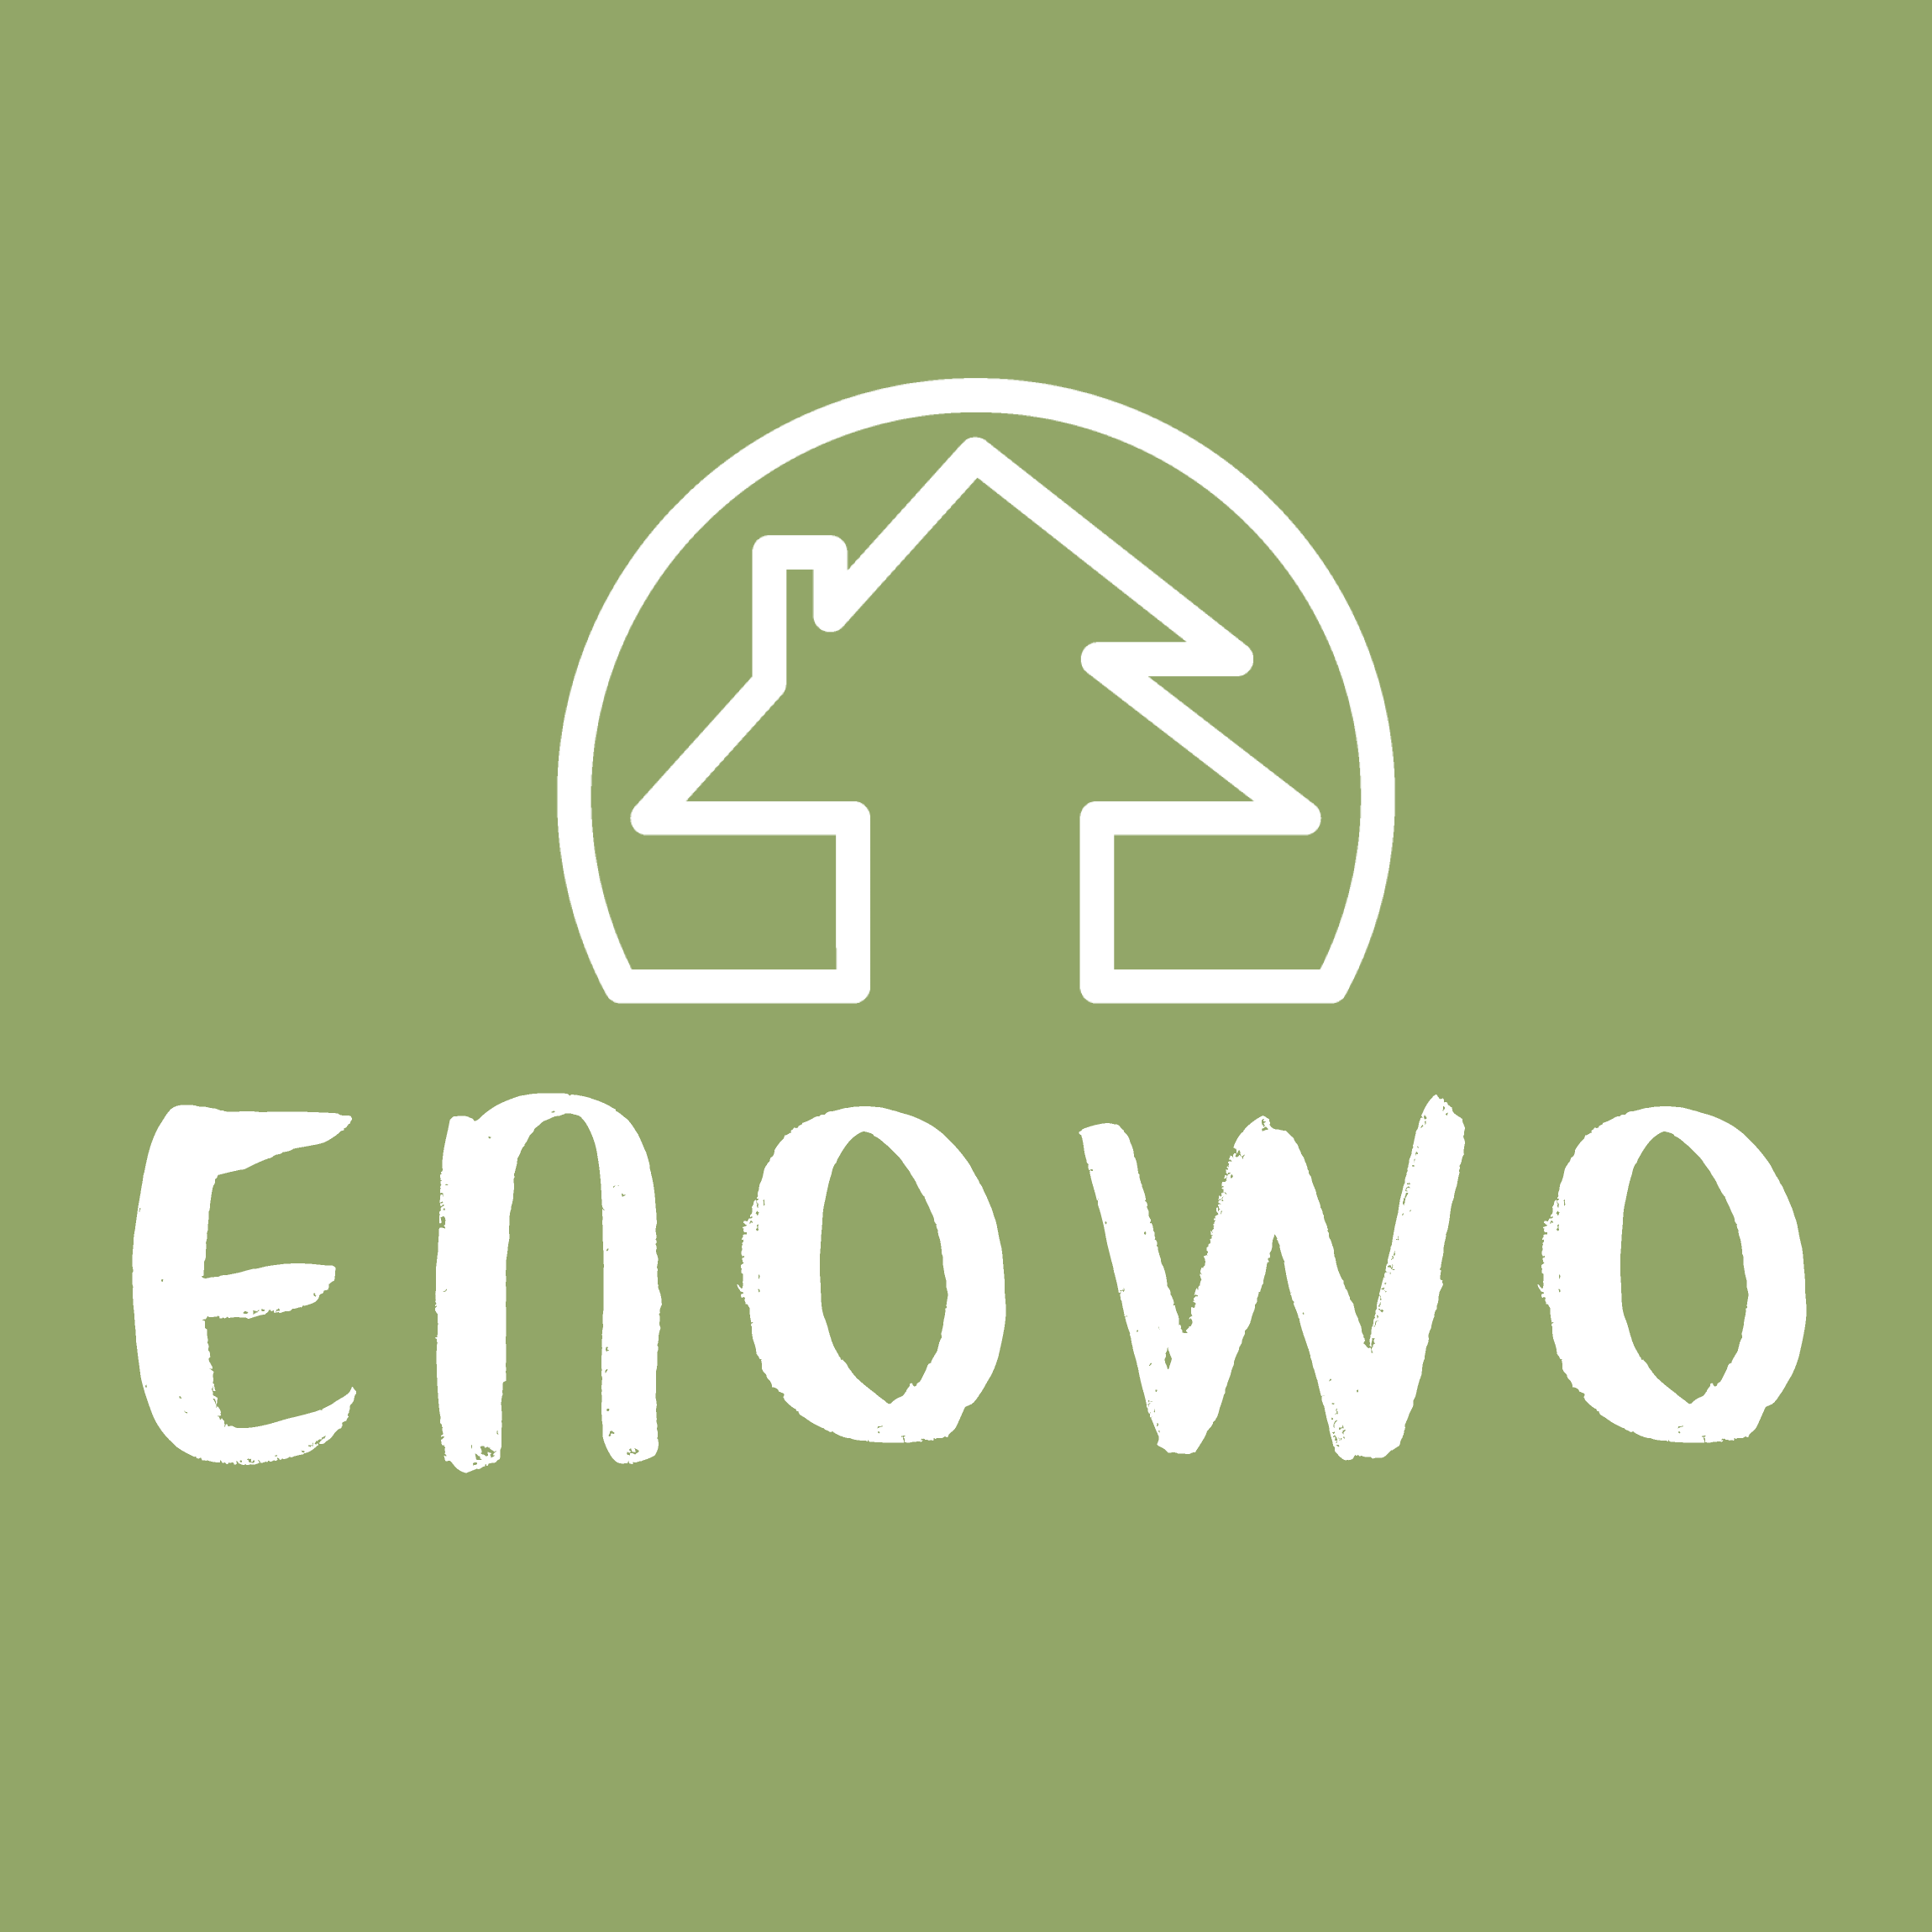 ENOWO